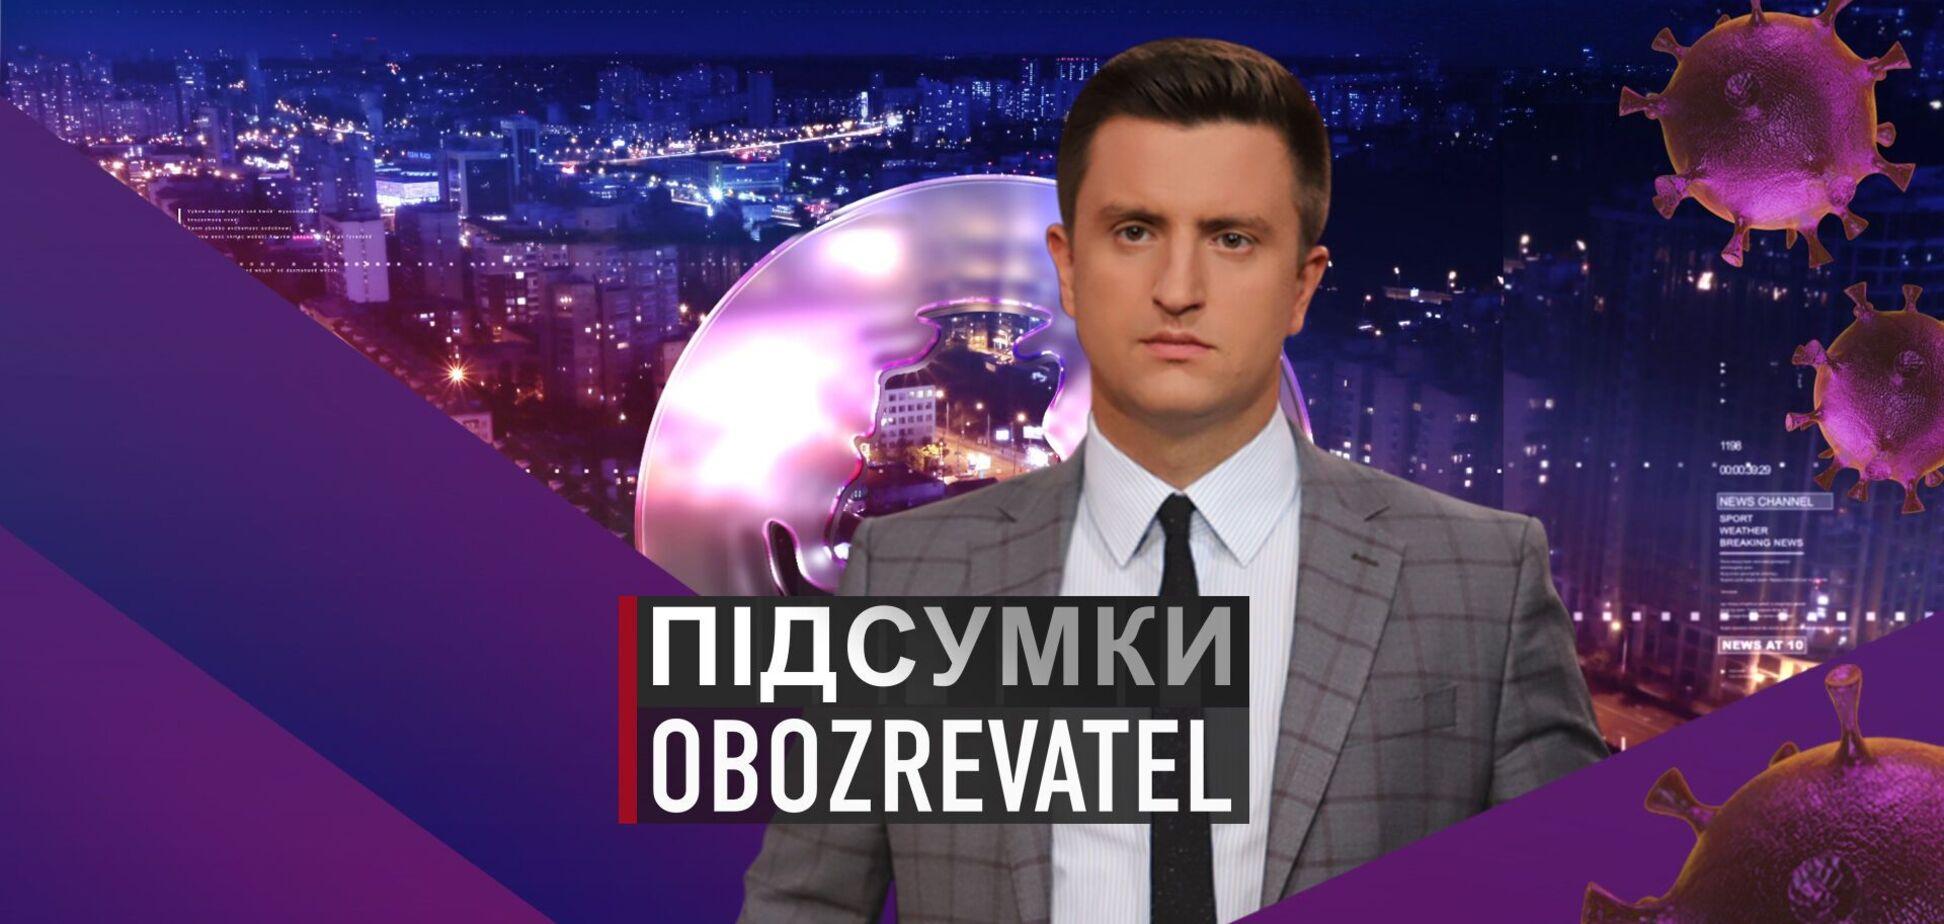 Підсумки с Вадимом Колодийчуком. Вторник, 20 июля